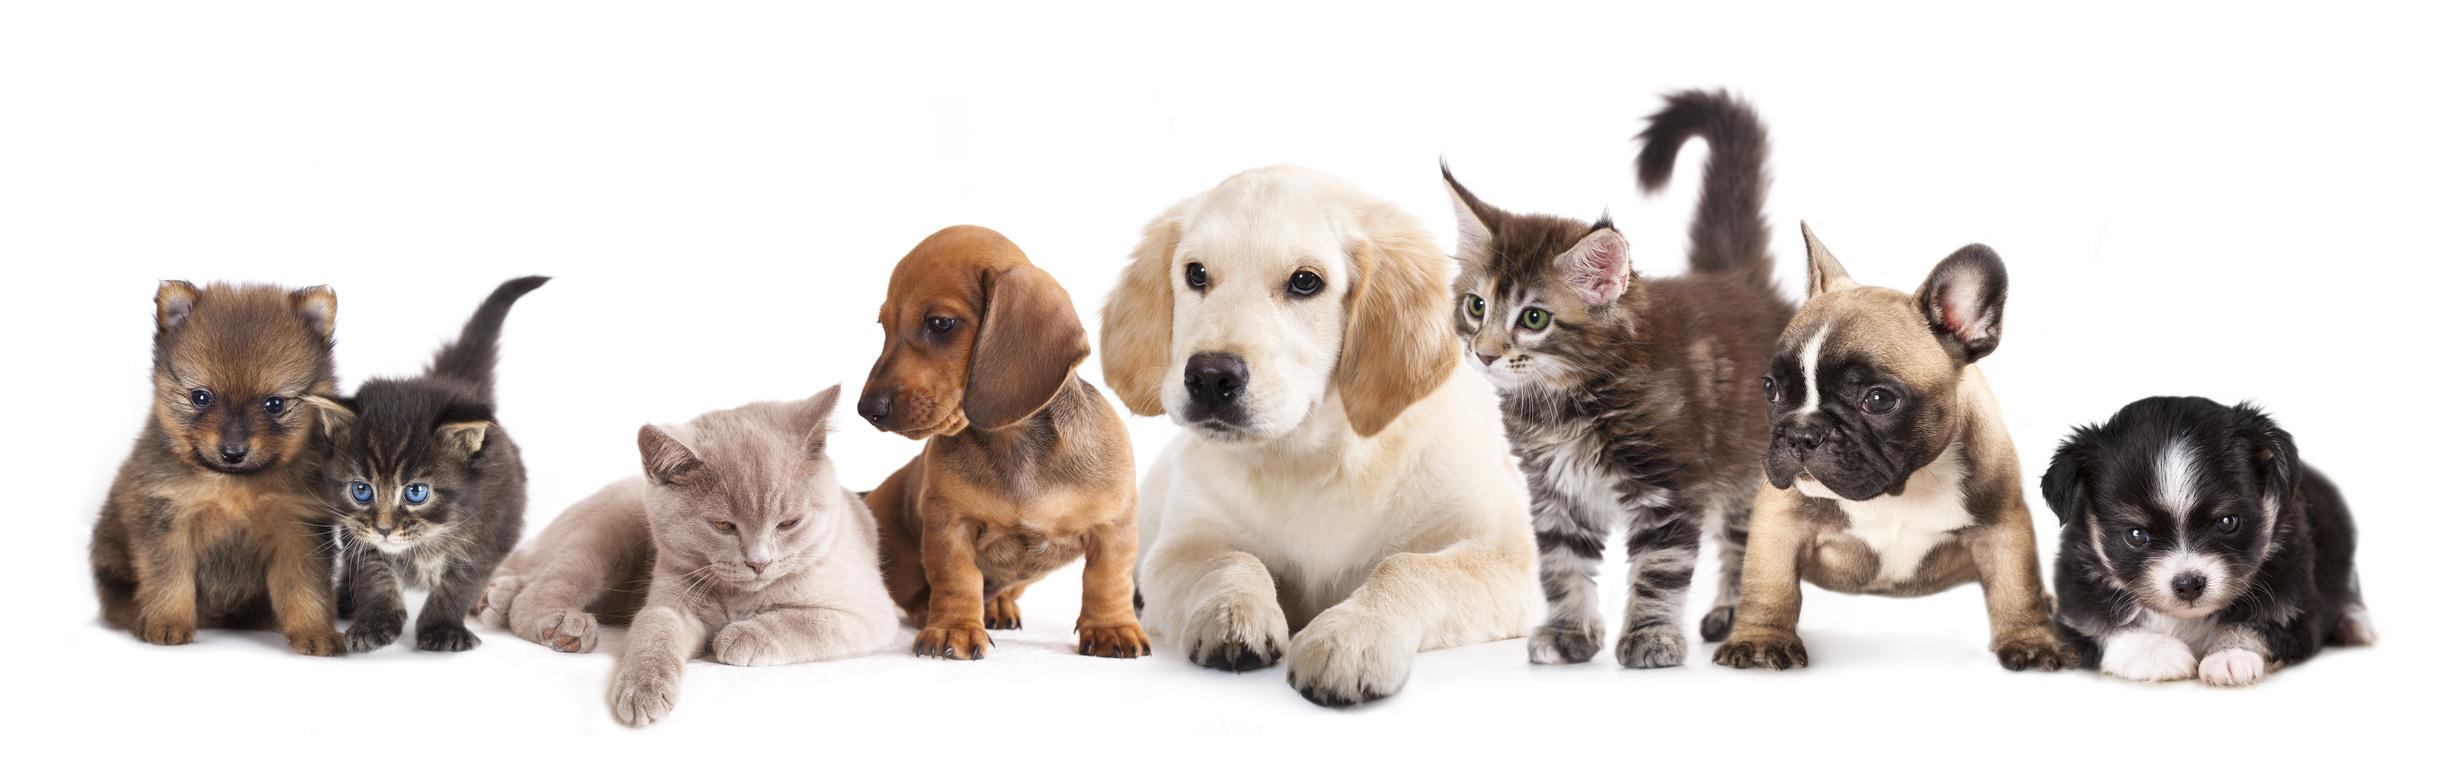 Veterinari per gatti, cani, animali esotici